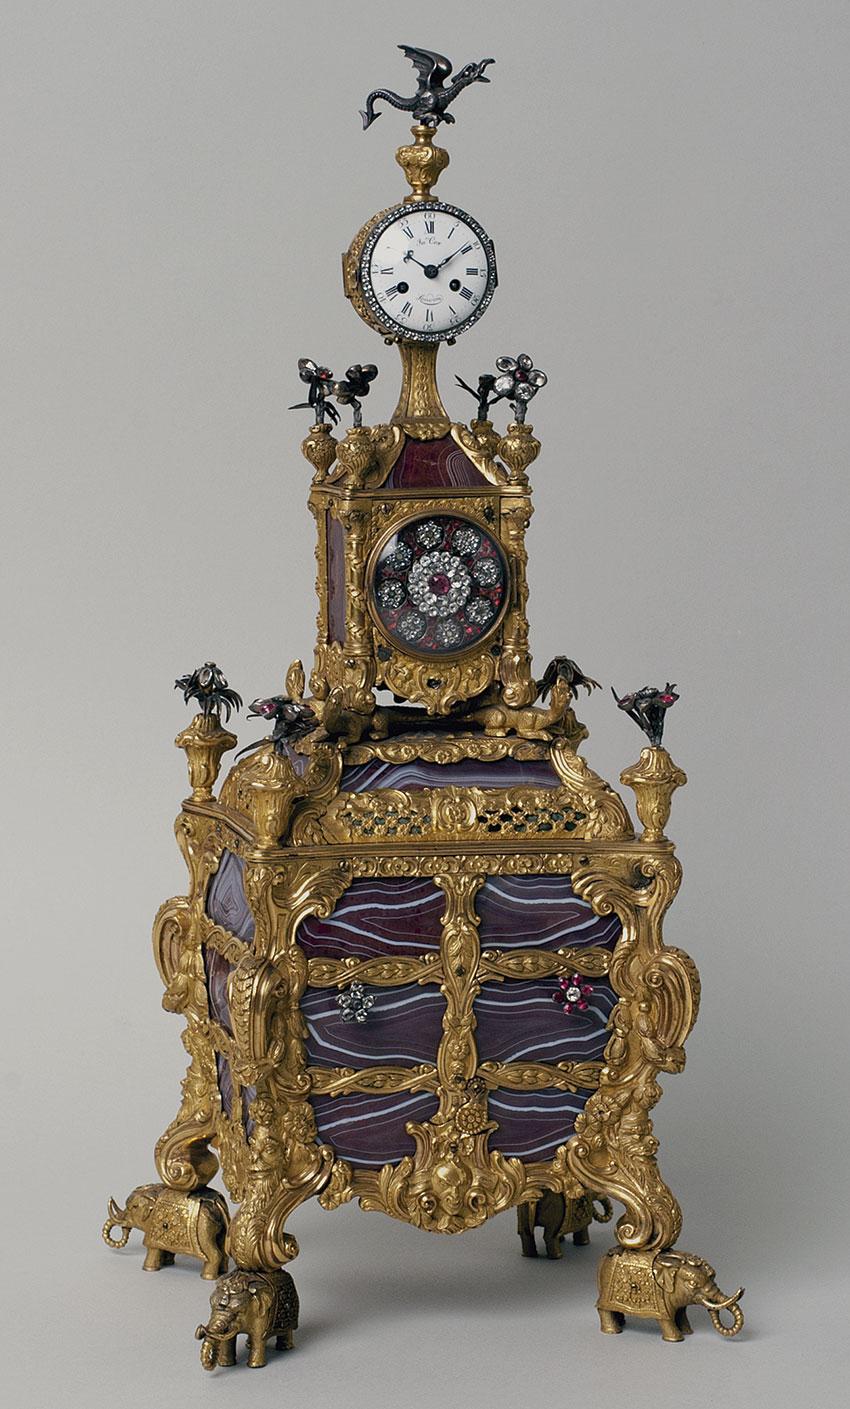 39_Reloj joya inglés de Sobremesa, por James Cox Circa 1765. Medidas 18x16,5x14 cm. Nº Inv. P.O.285